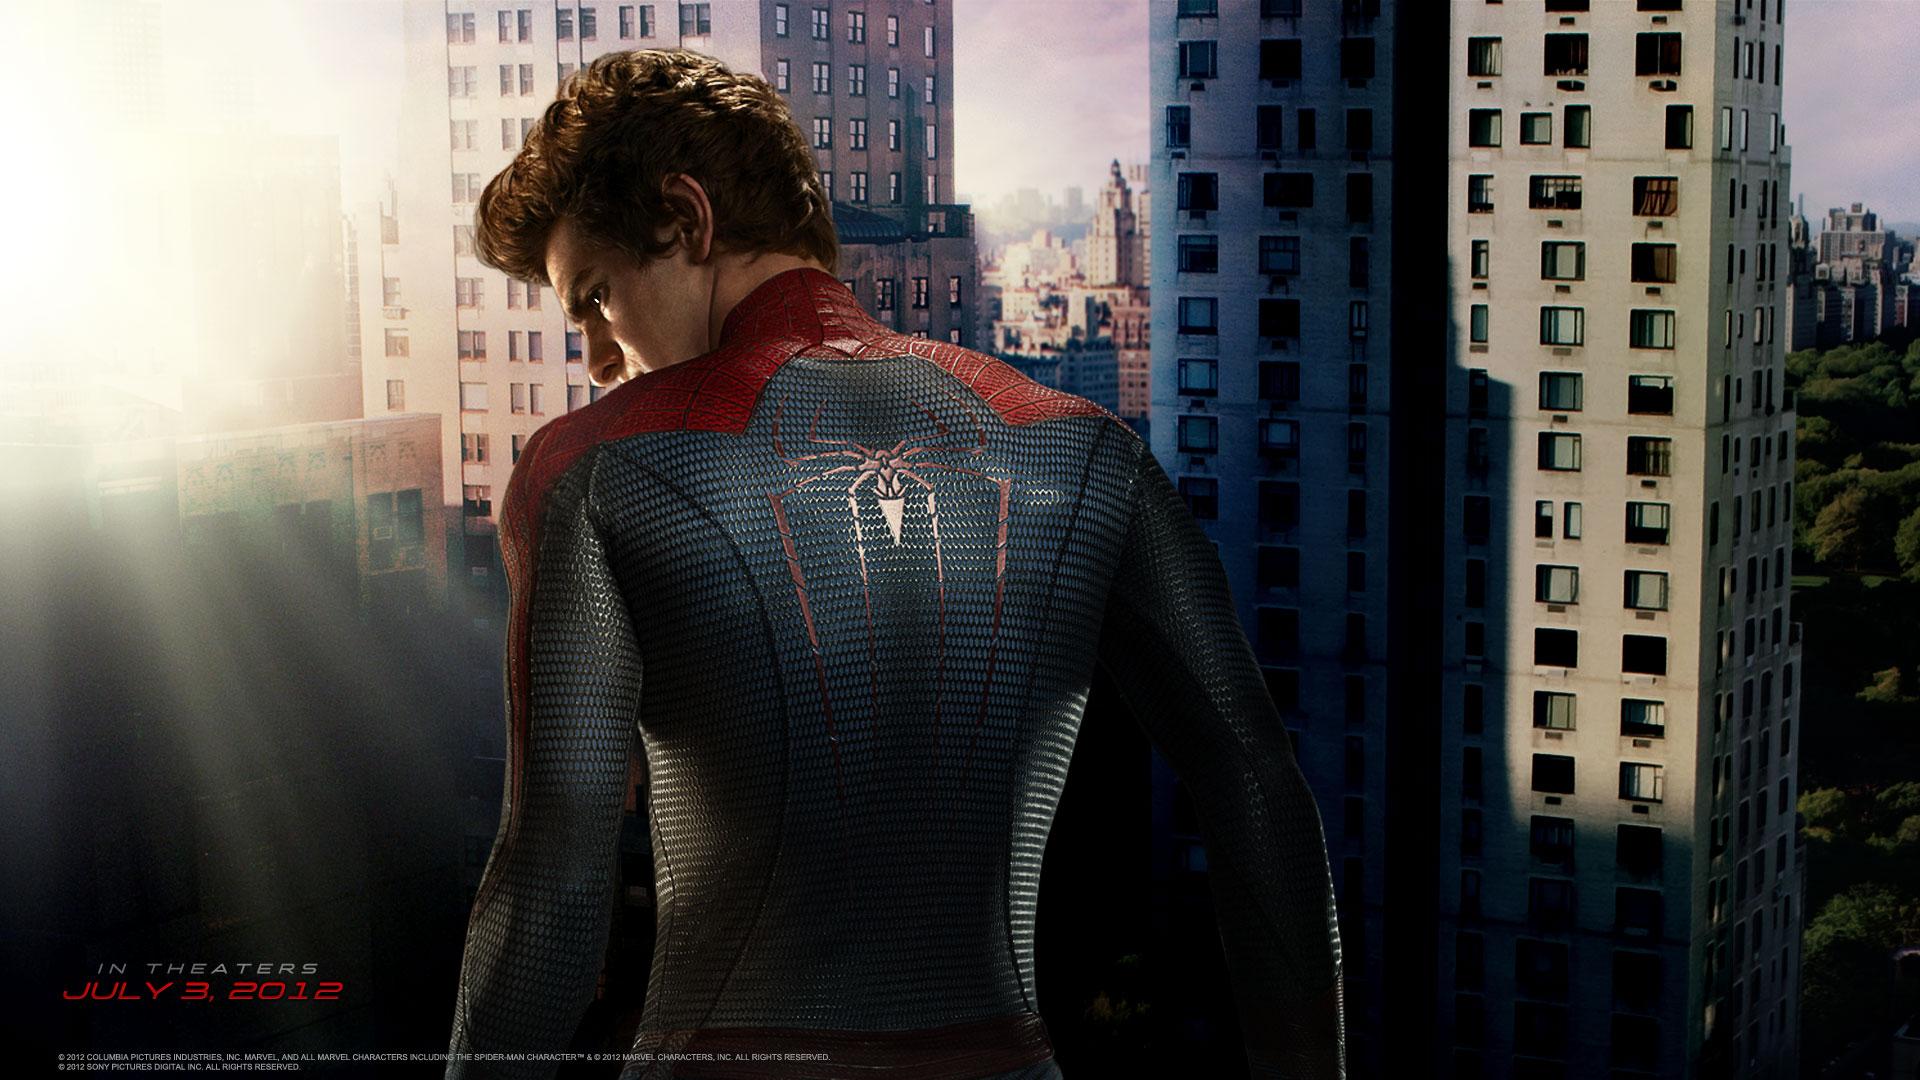 El Sorprendente Hombre Araña descubrira la verdad de su pasado